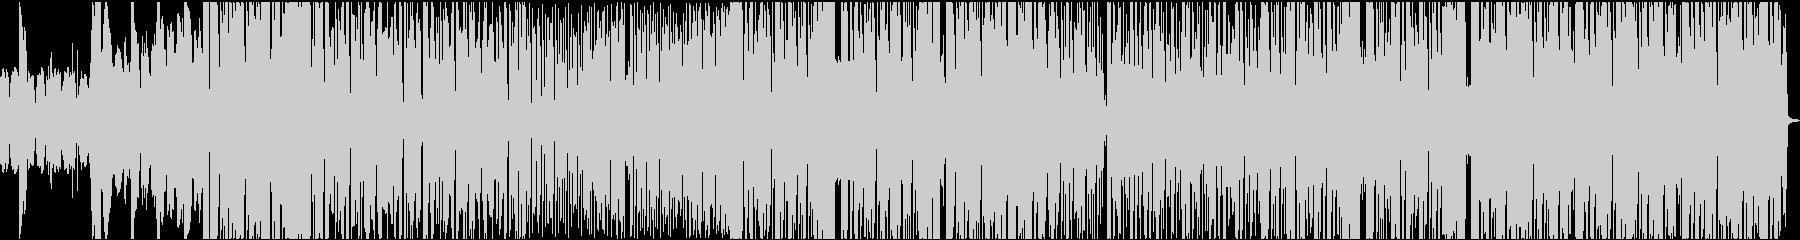 暖かくて暗めのEDMの未再生の波形